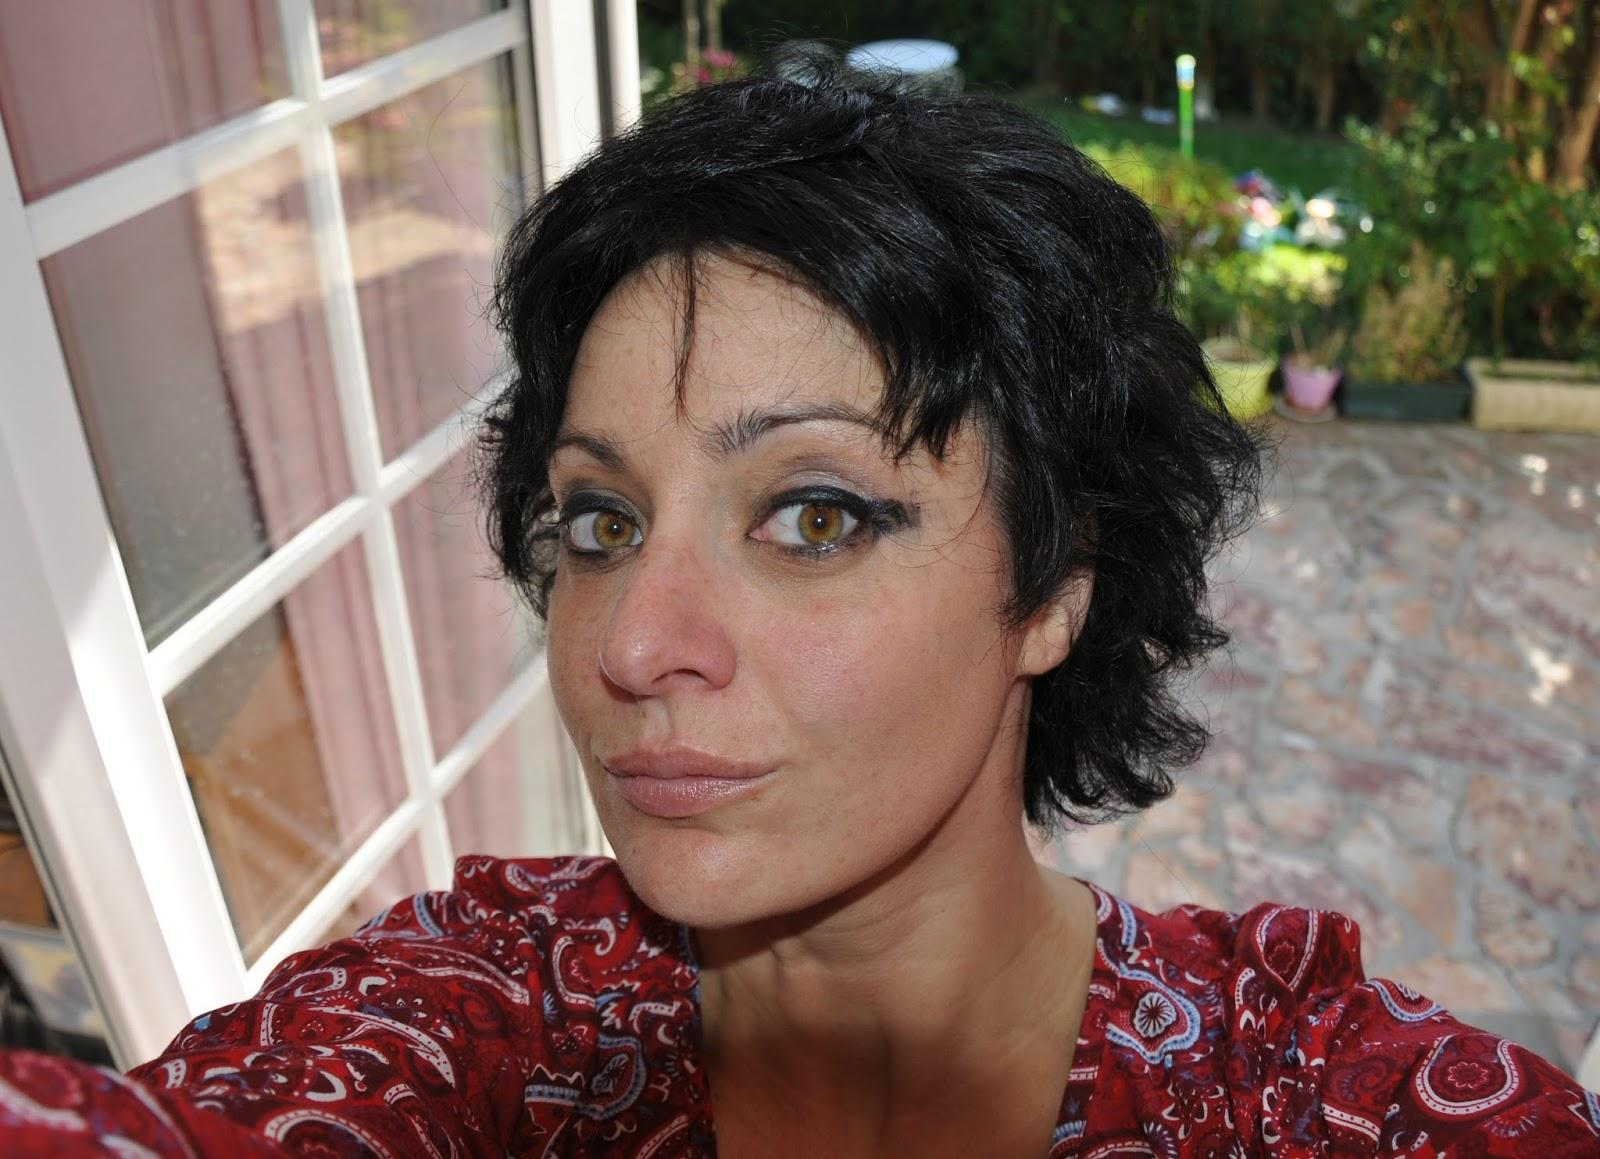 Retirer coloration noire cheveux